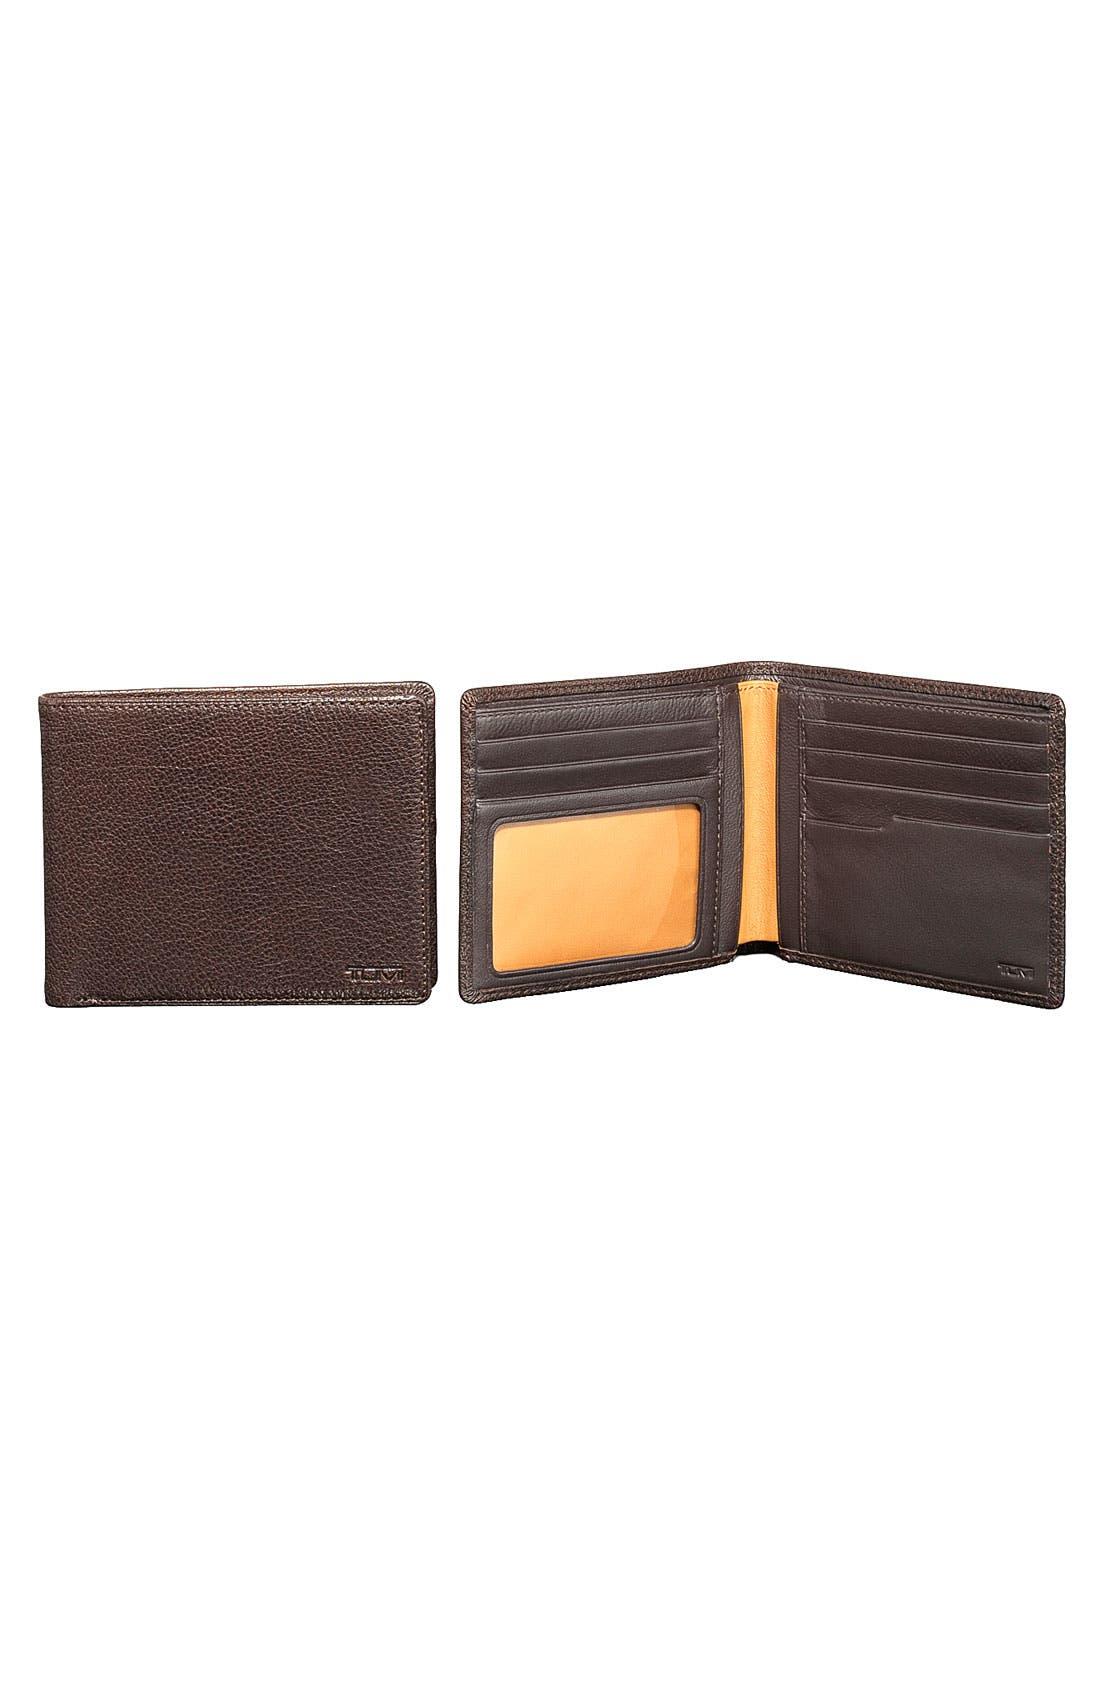 Main Image - Tumi 'Sierra - Global' Double Billfold ID Wallet